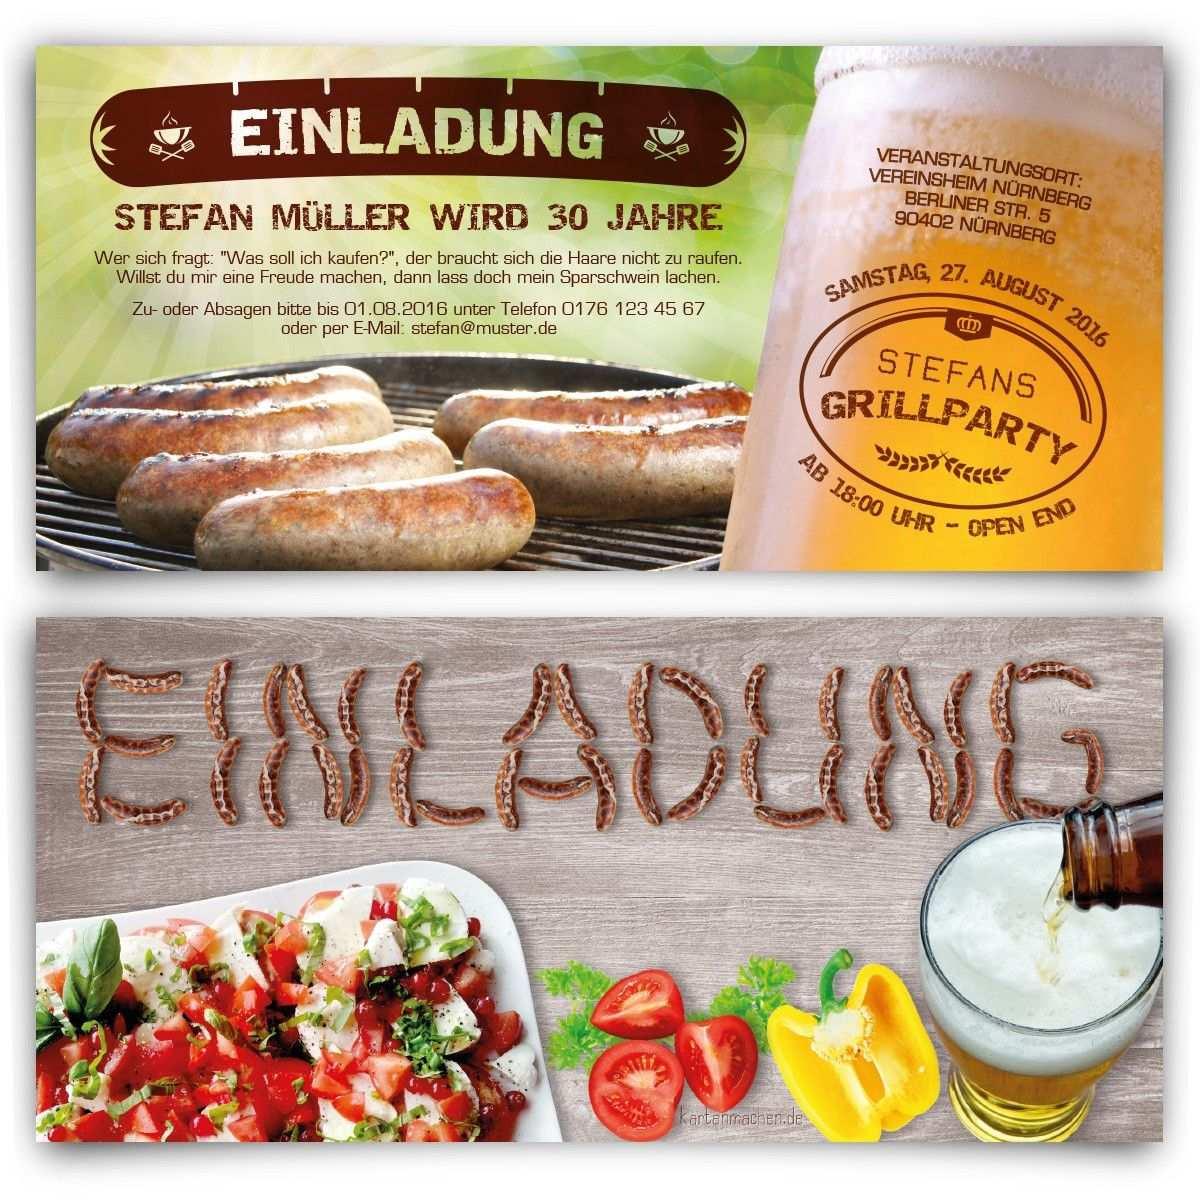 Einladungskarten Bratwurst Grillen Geburtstag Einladung Geburtstagseinladung Bratwurst Grillen Birthday Invitation Einladungen Feier Grillparty